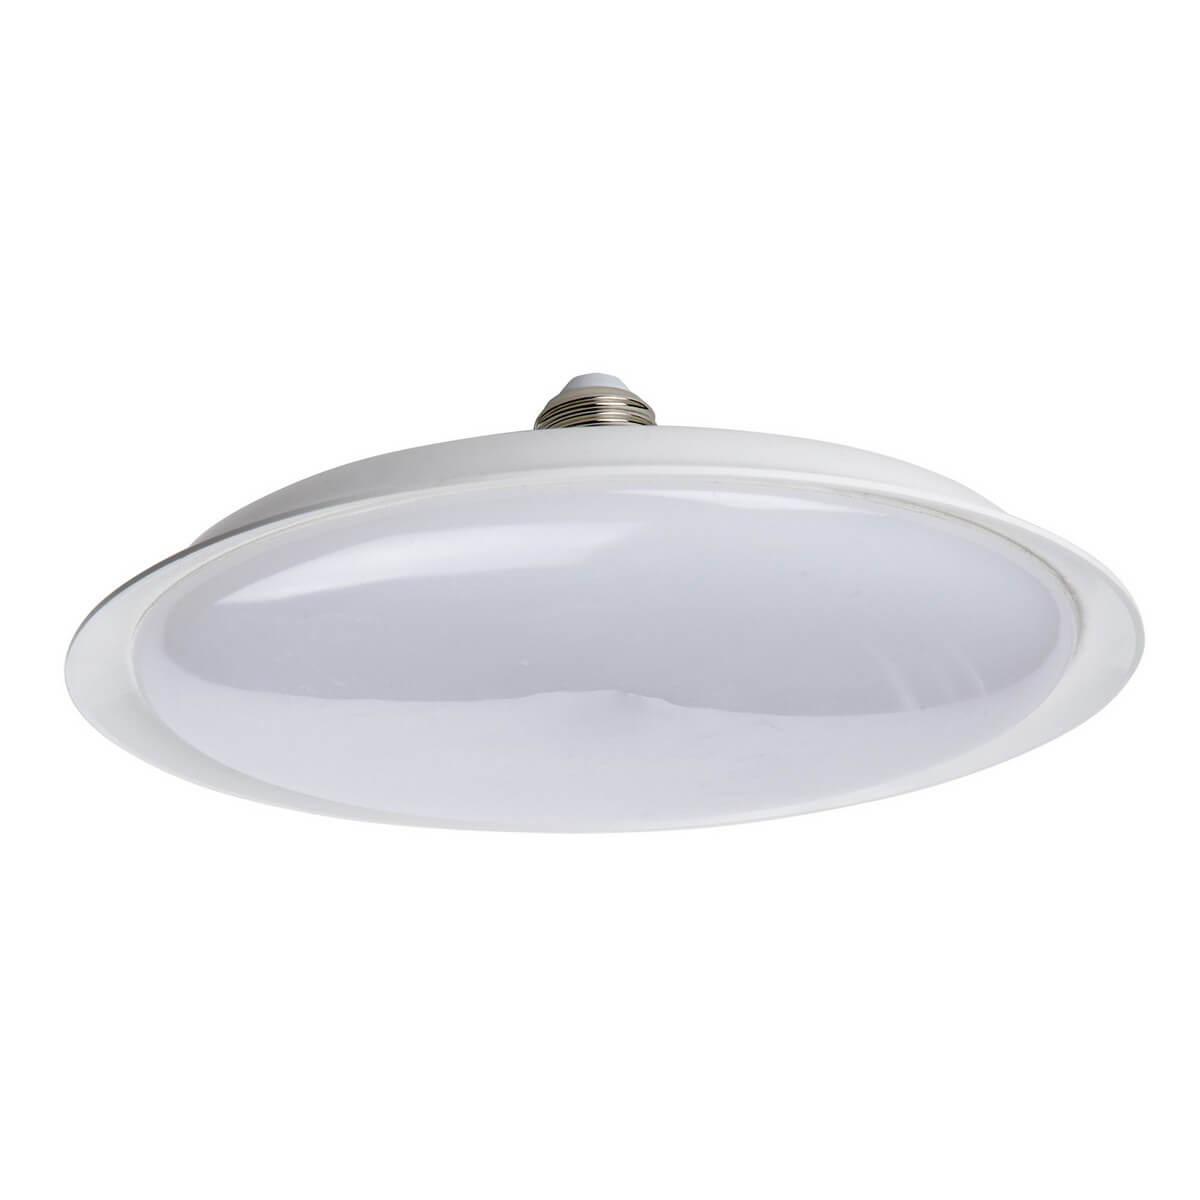 Фото - Лампочка Uniel LED-U270-60W/3000K/E27/FR PLU01WH UFO светодиодная лампа светильник uniel led u270 60w 3000k e27 fr plu01wh